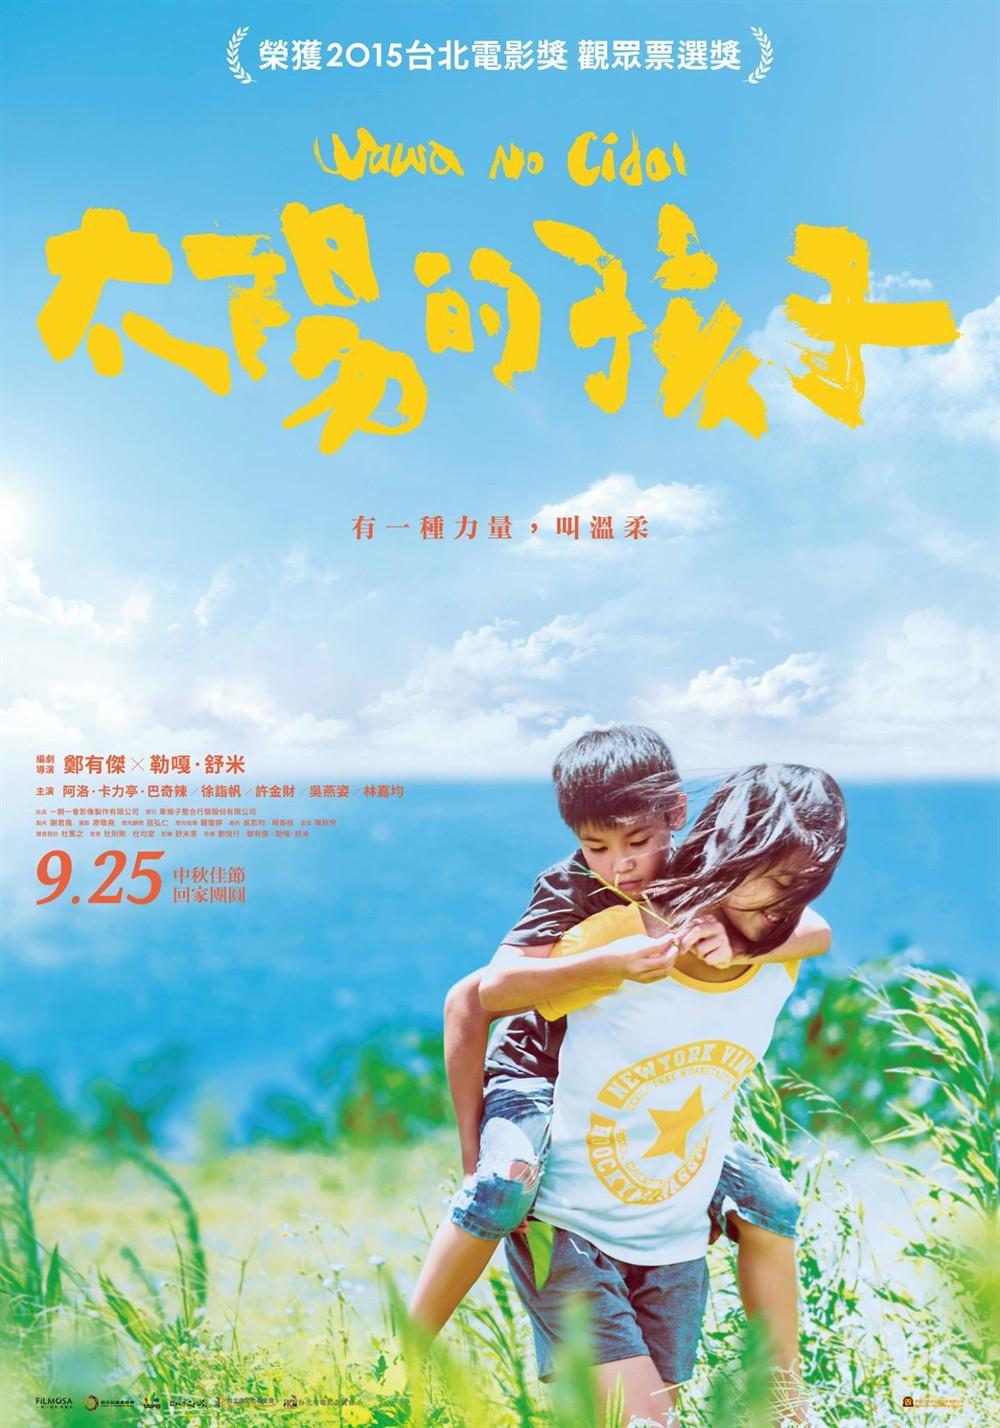 2016最新电影《太阳的孩子》国产剧情片BD国语中字